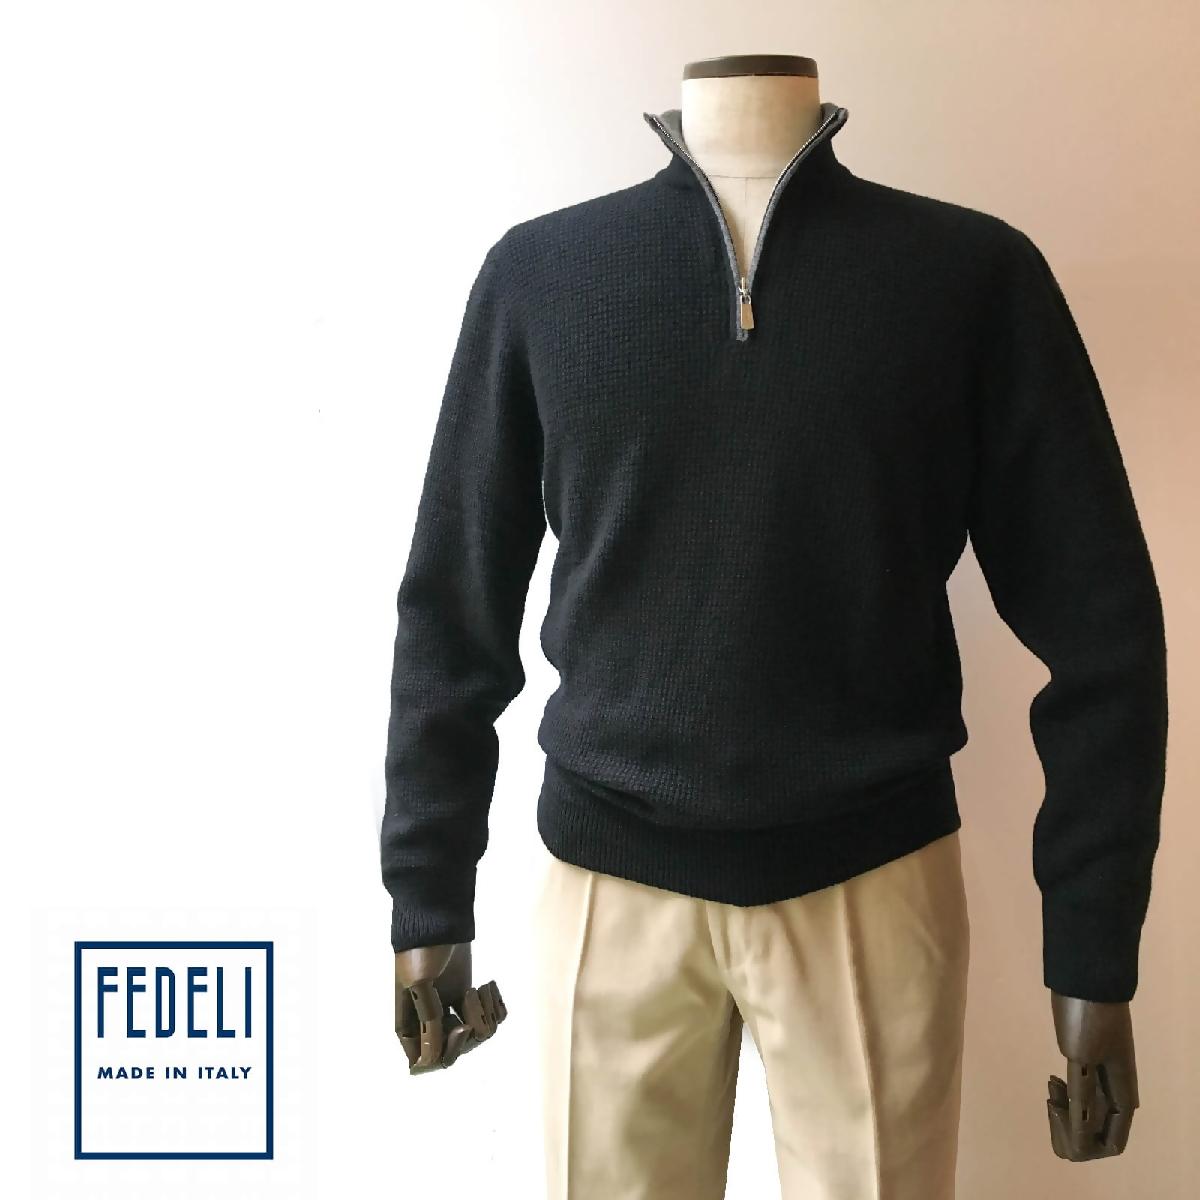 FEDELI (フェデーリ) ミドルゲージカシミヤニットハイネックZIPセーター メンズ カジュアル 大きいサイズ カシミヤ おしゃれ 長袖 無地 ブランド ブラック